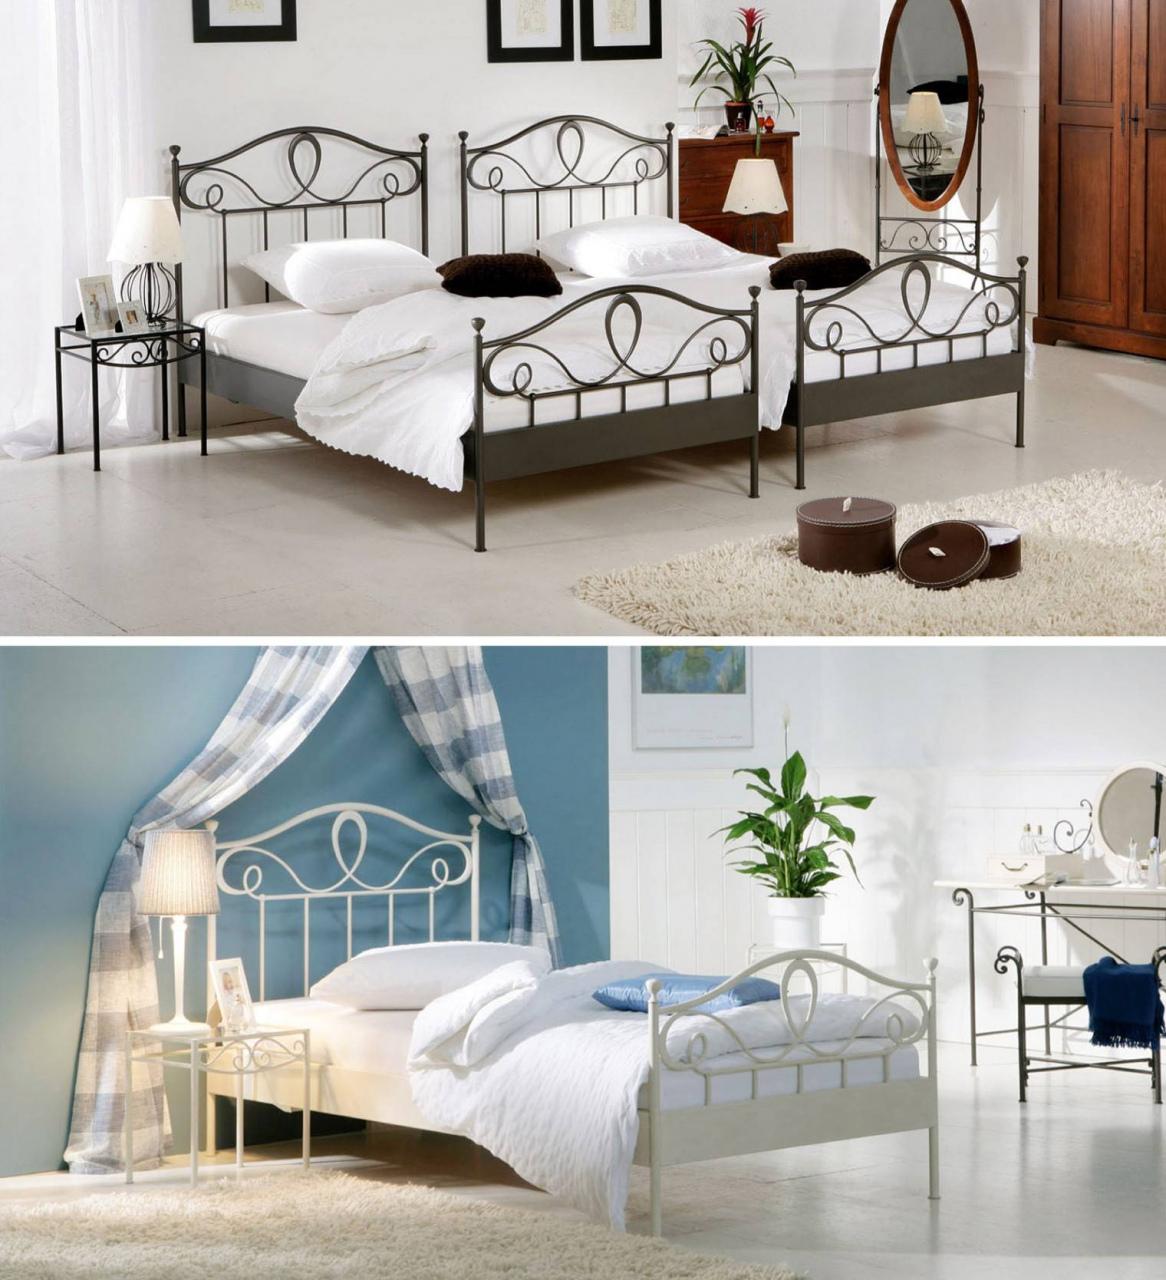 vintage iron bed vintage deko garten das beste von garten deko ideen zum selber durch vintage iron bed